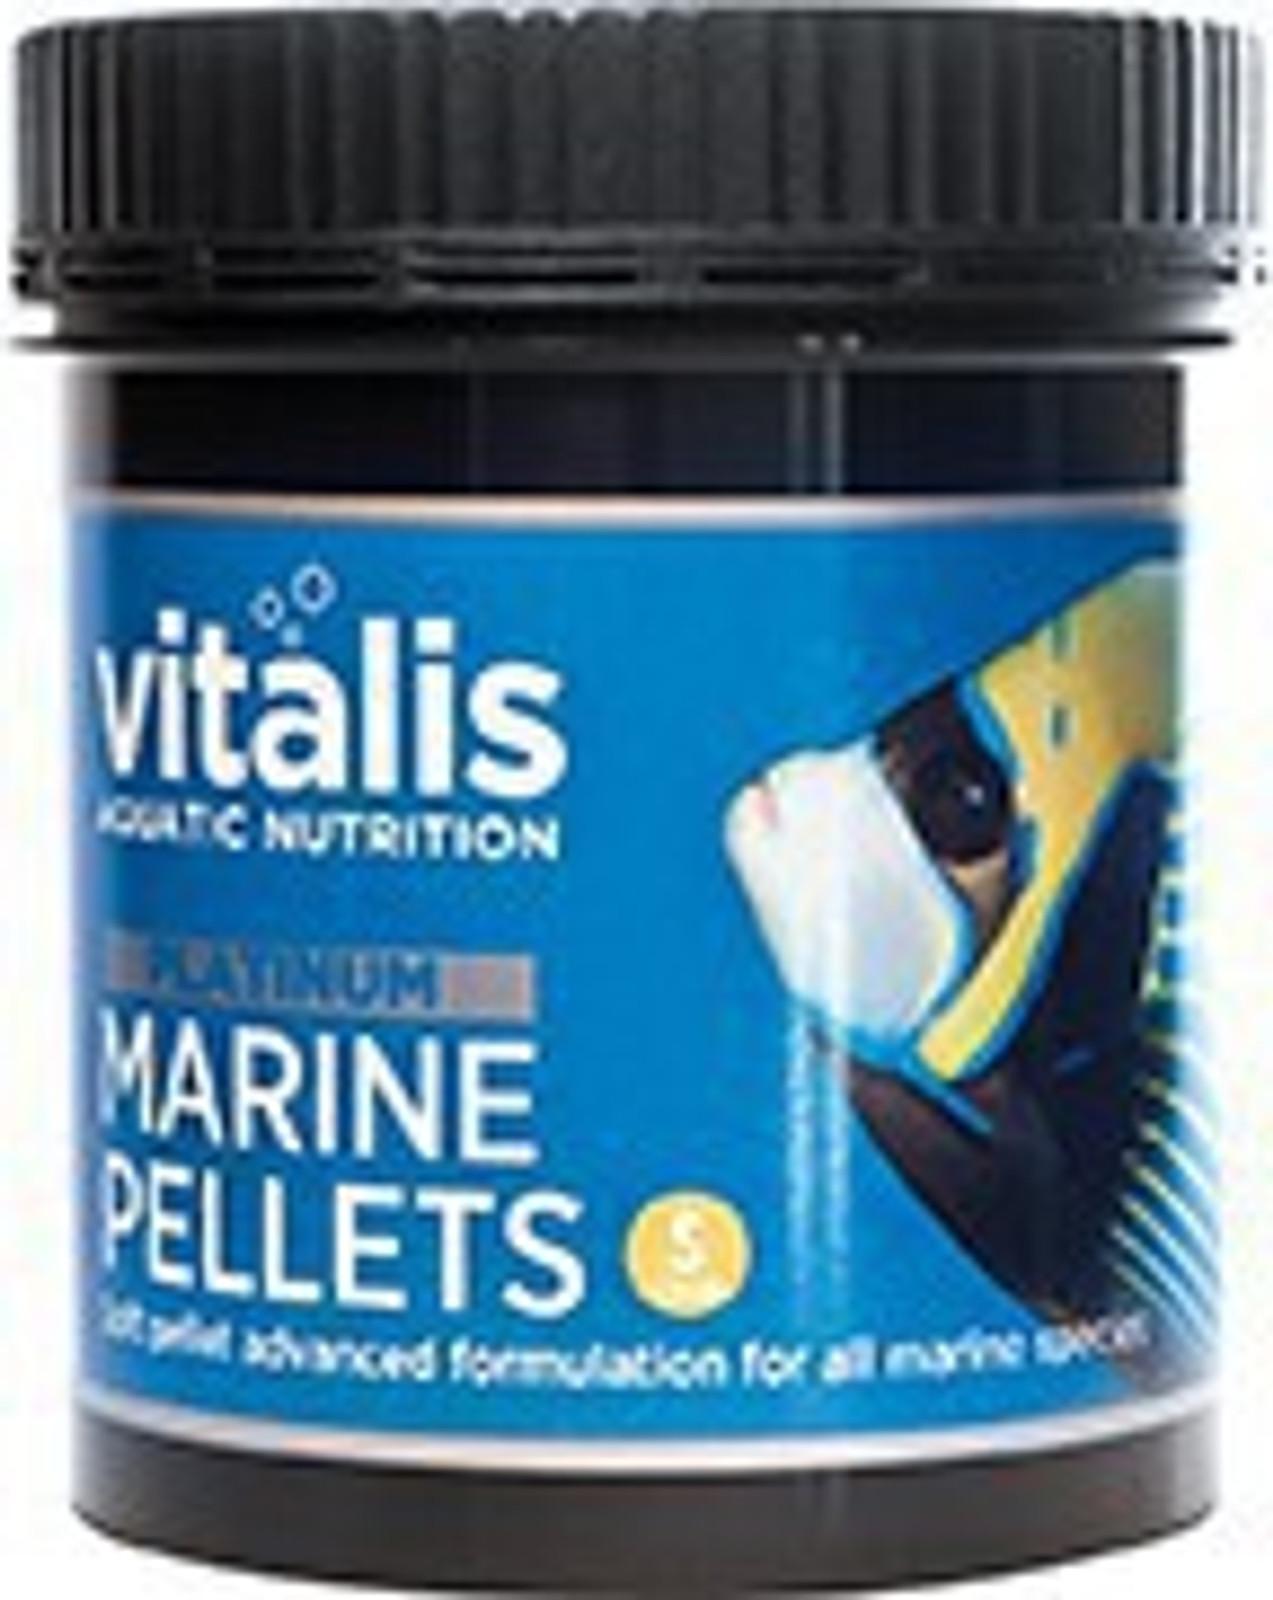 vitalis Platinum Marine Pellets 120 g Ø 1 mm für Meerwasserfische – Bild 1